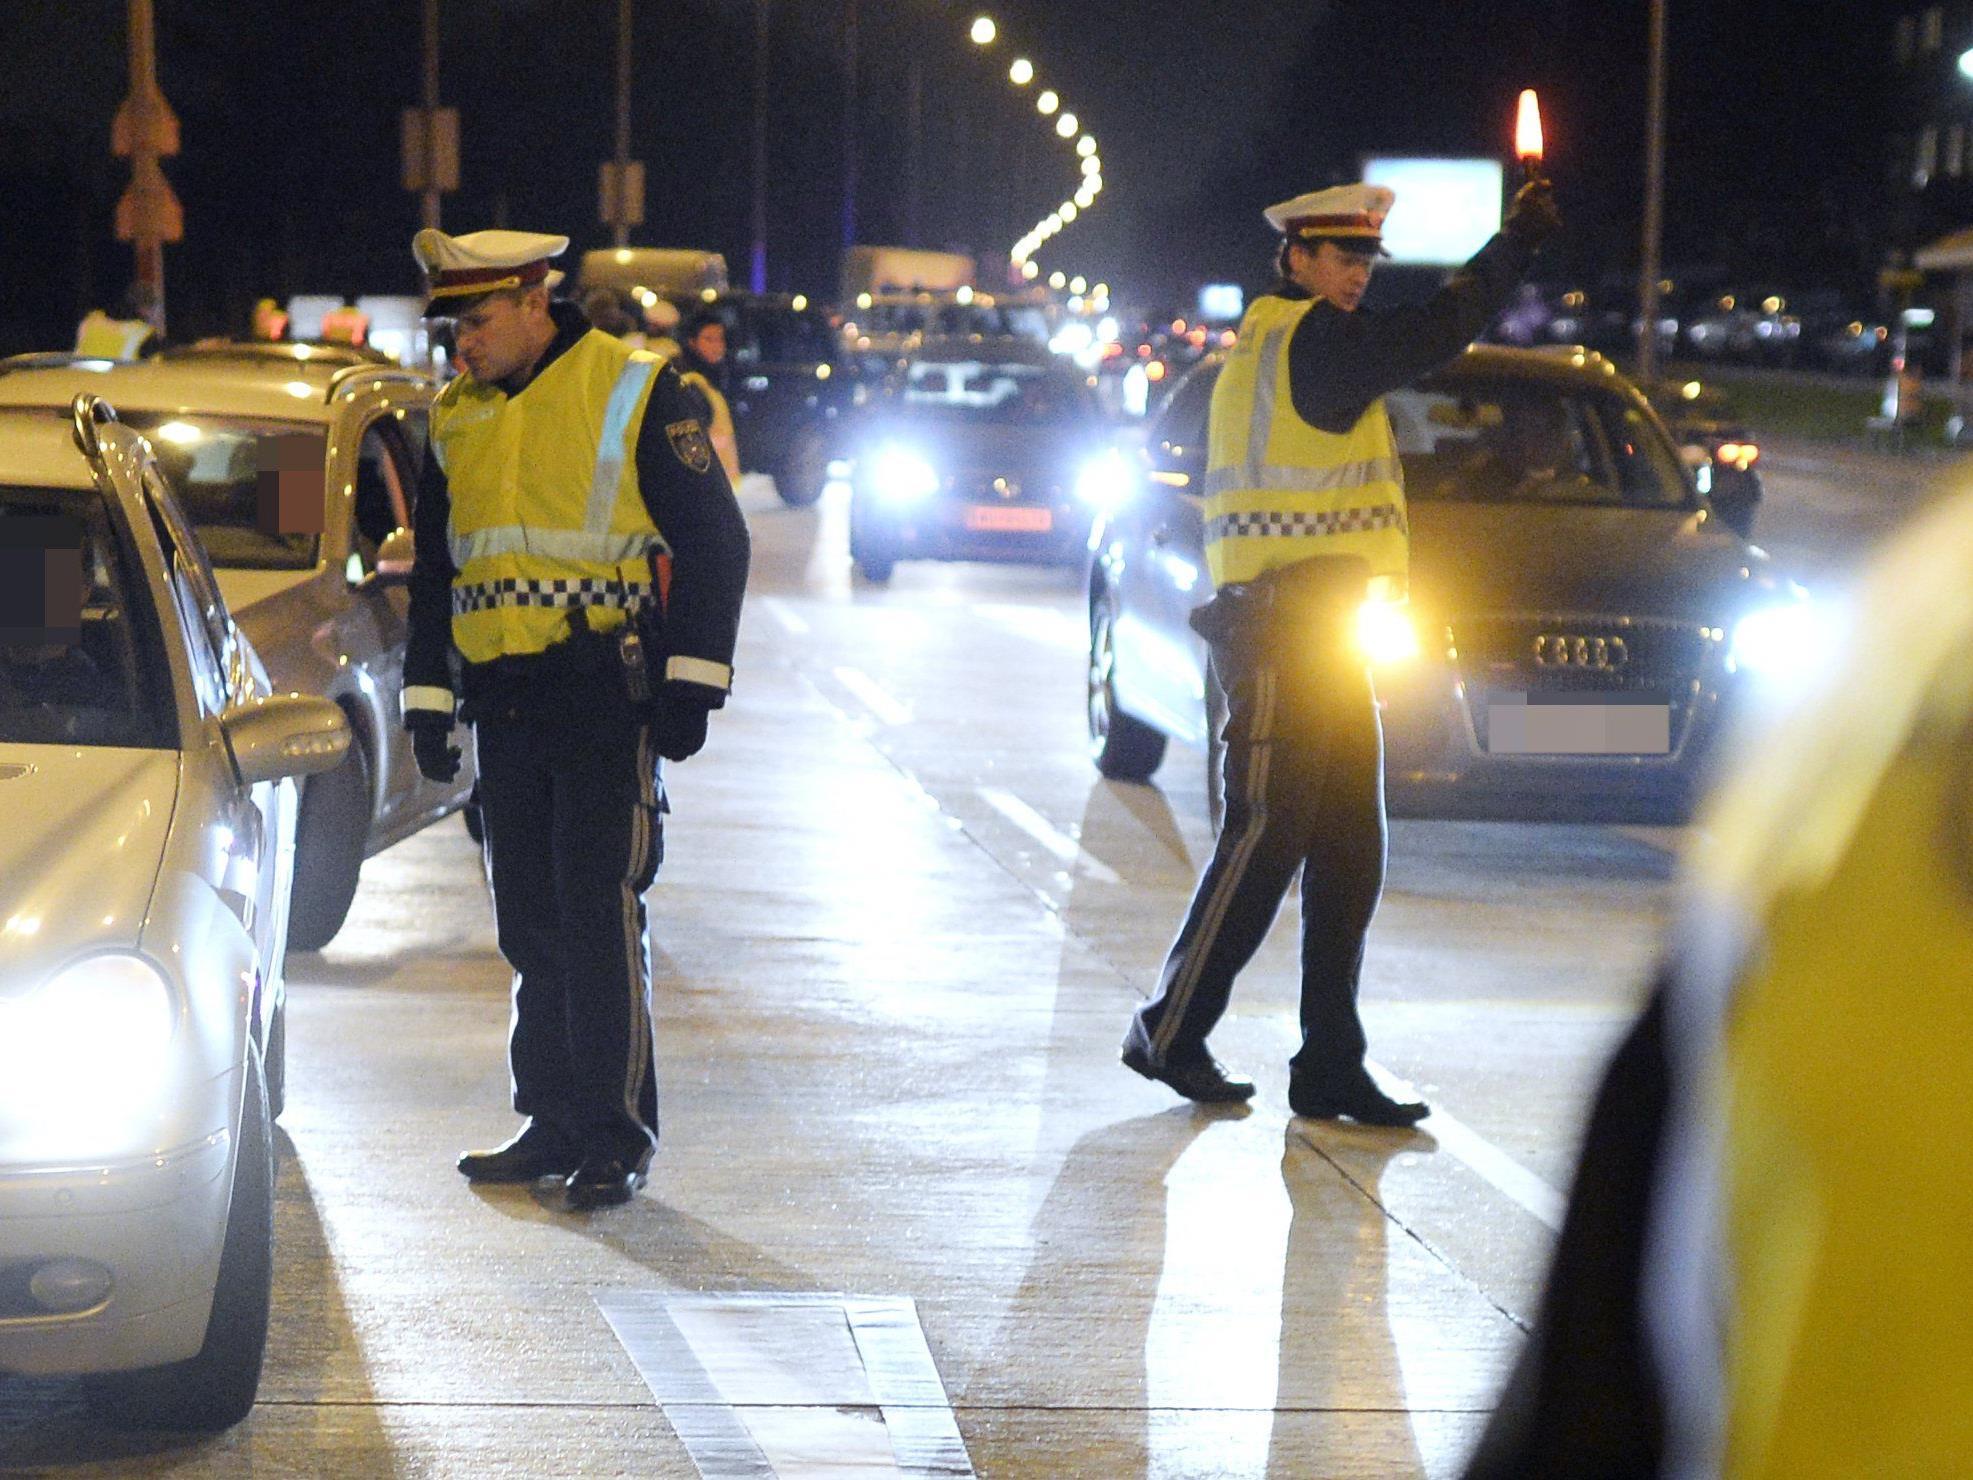 Mehr als 1.000 Anzeigen hagelte es bei Verkehrskontrollen in der Vorweihnachtszeit in Wien.